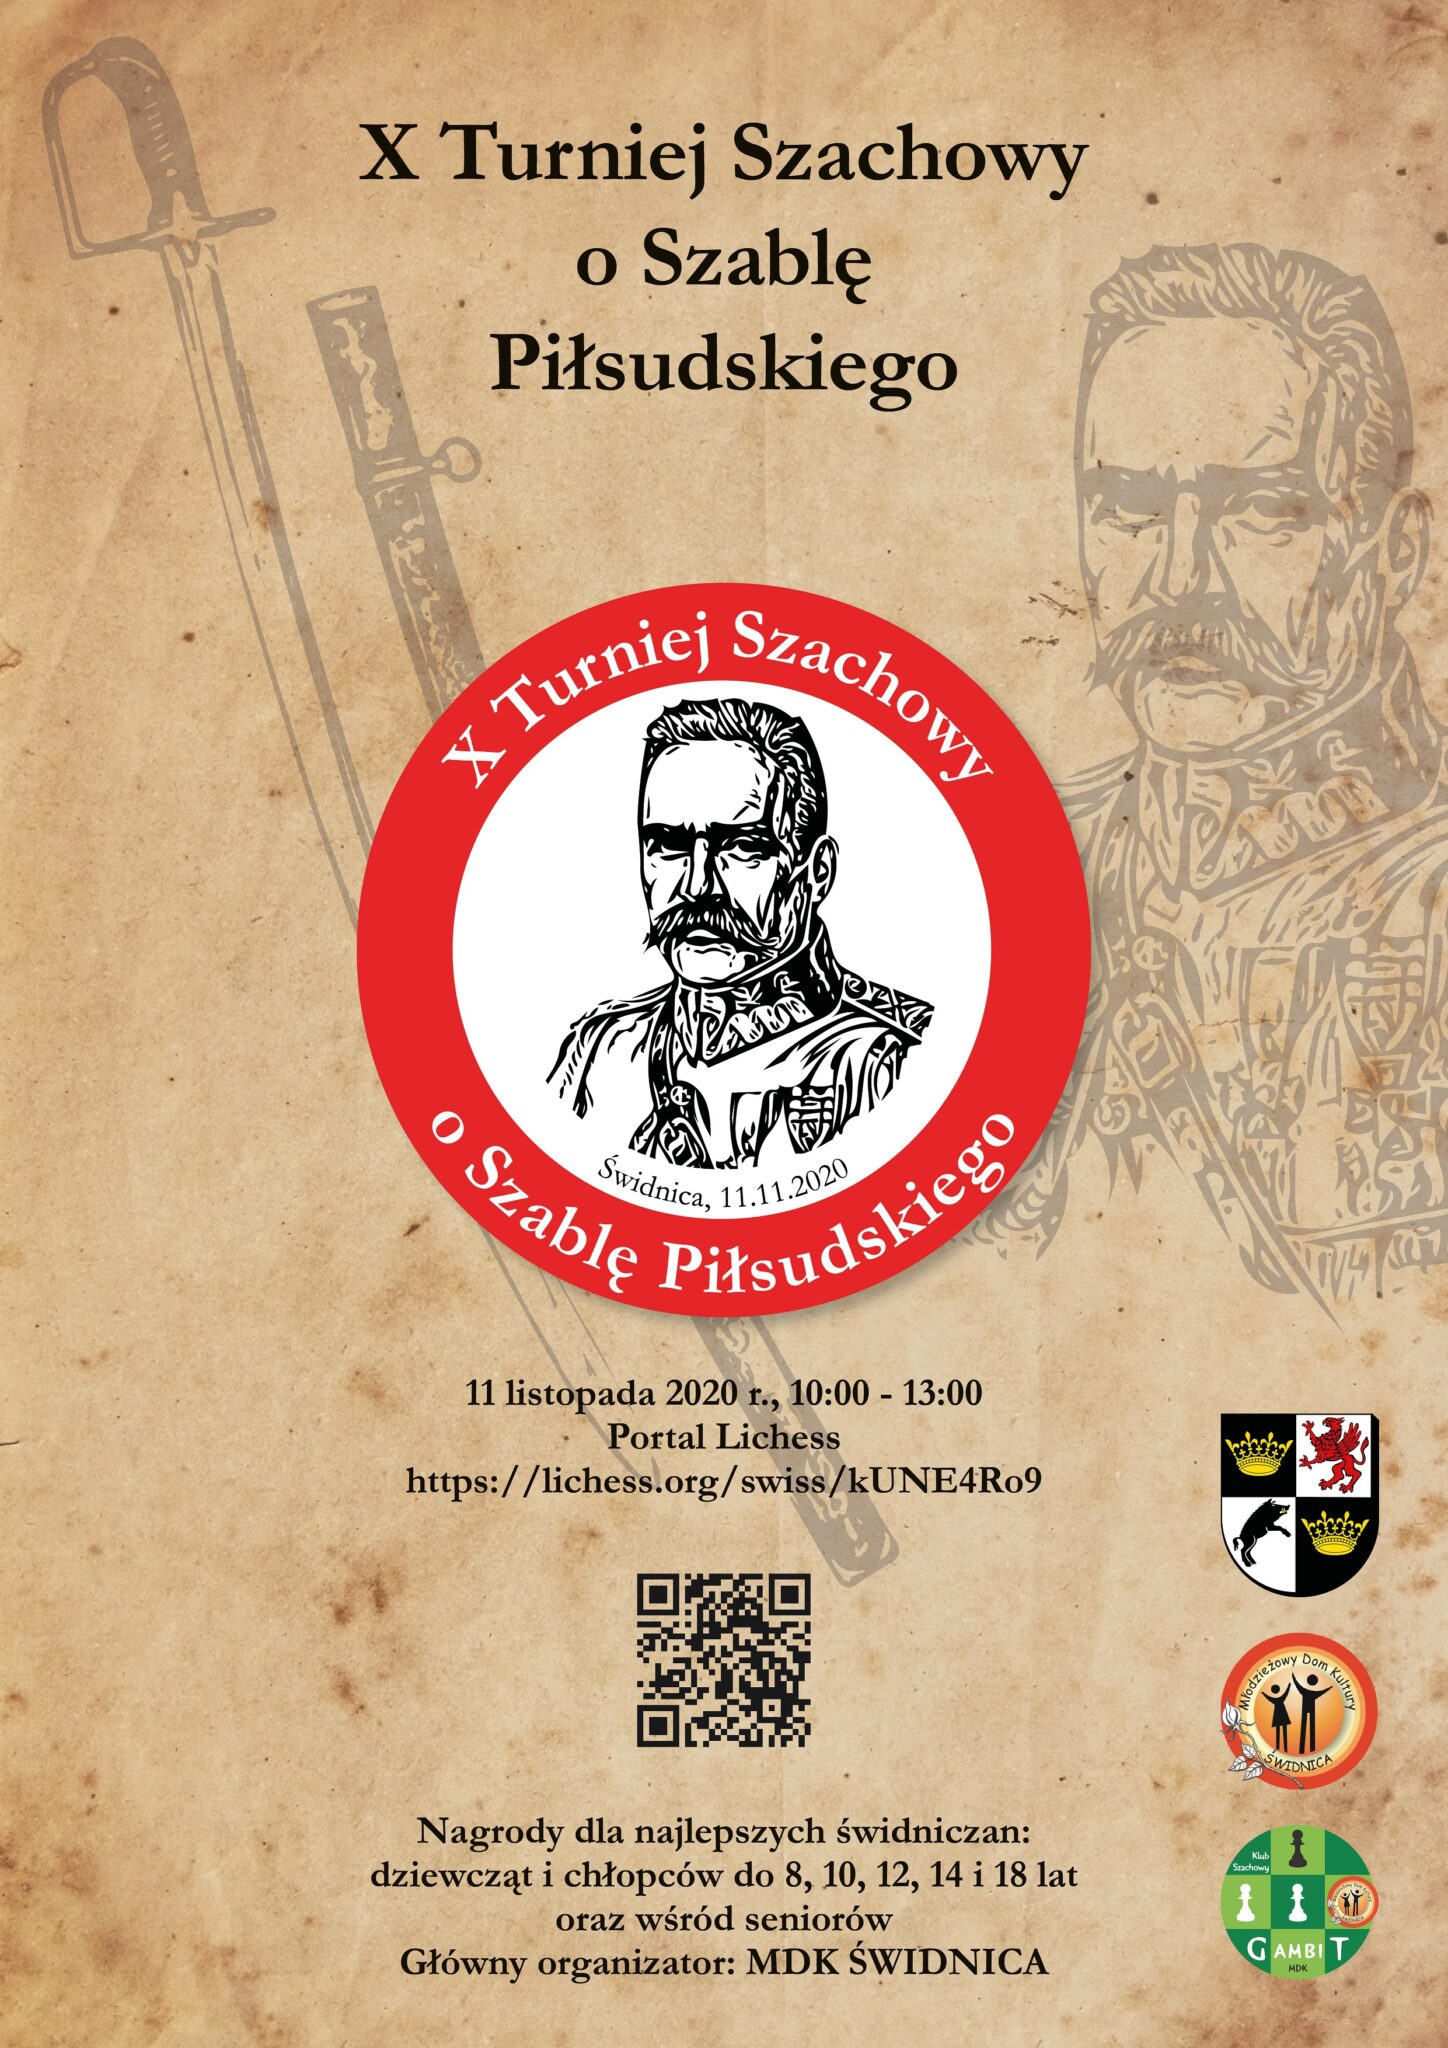 X Turniej Szachowy o Szablę Piłsudskiego